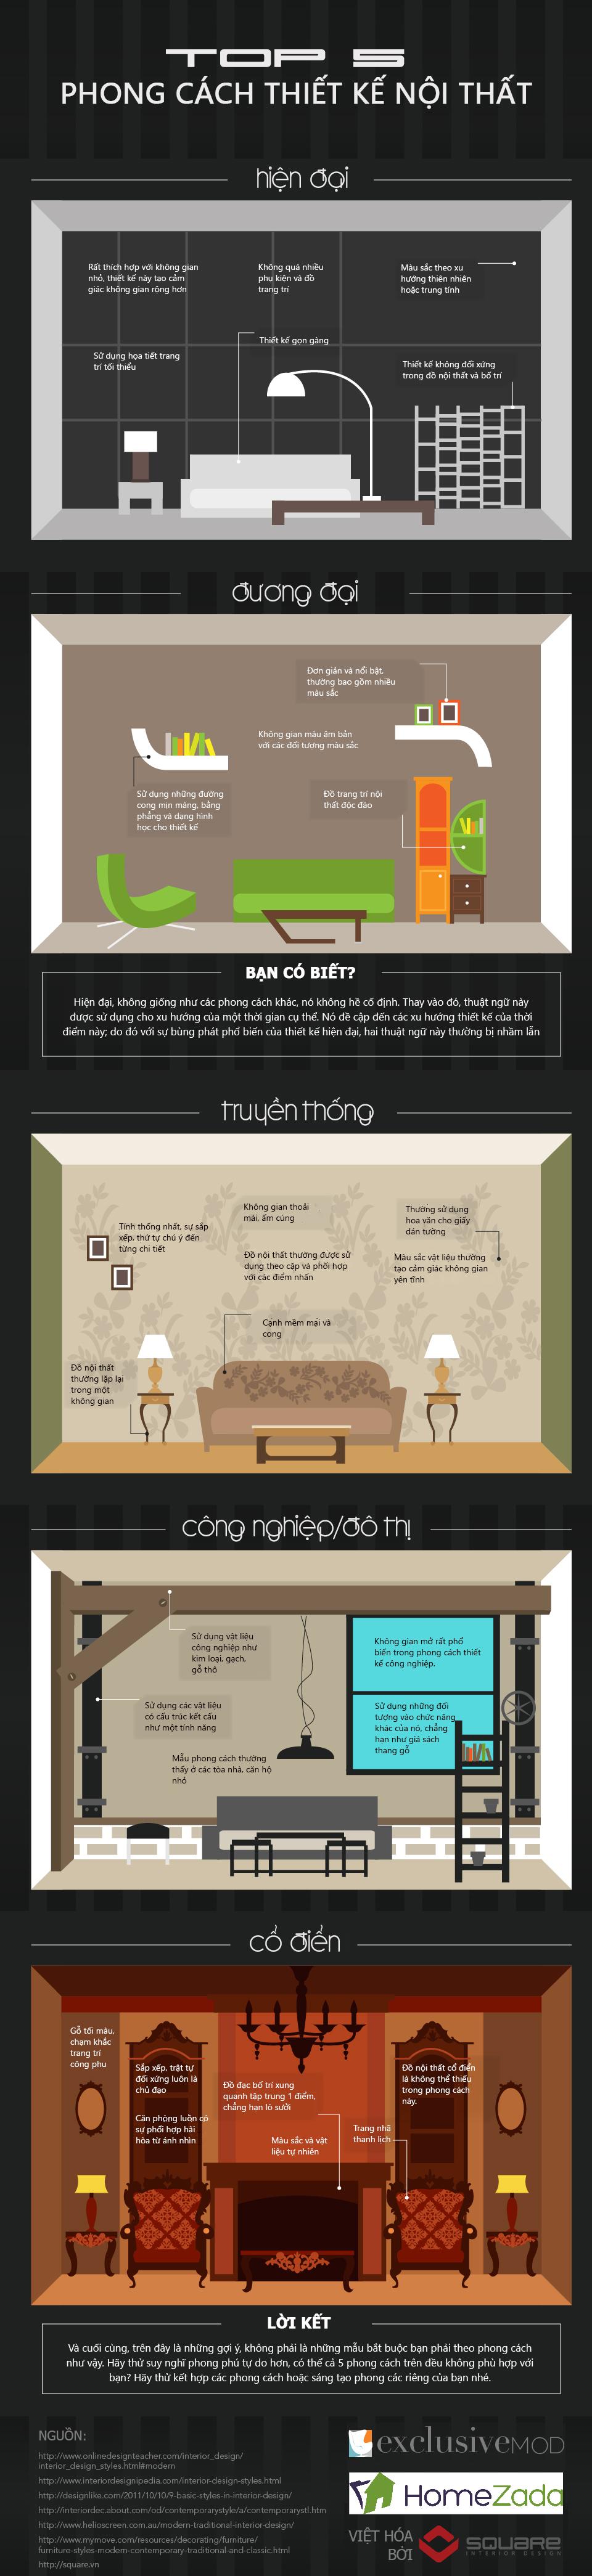 Top 5 phong cách thiết kế nội thất